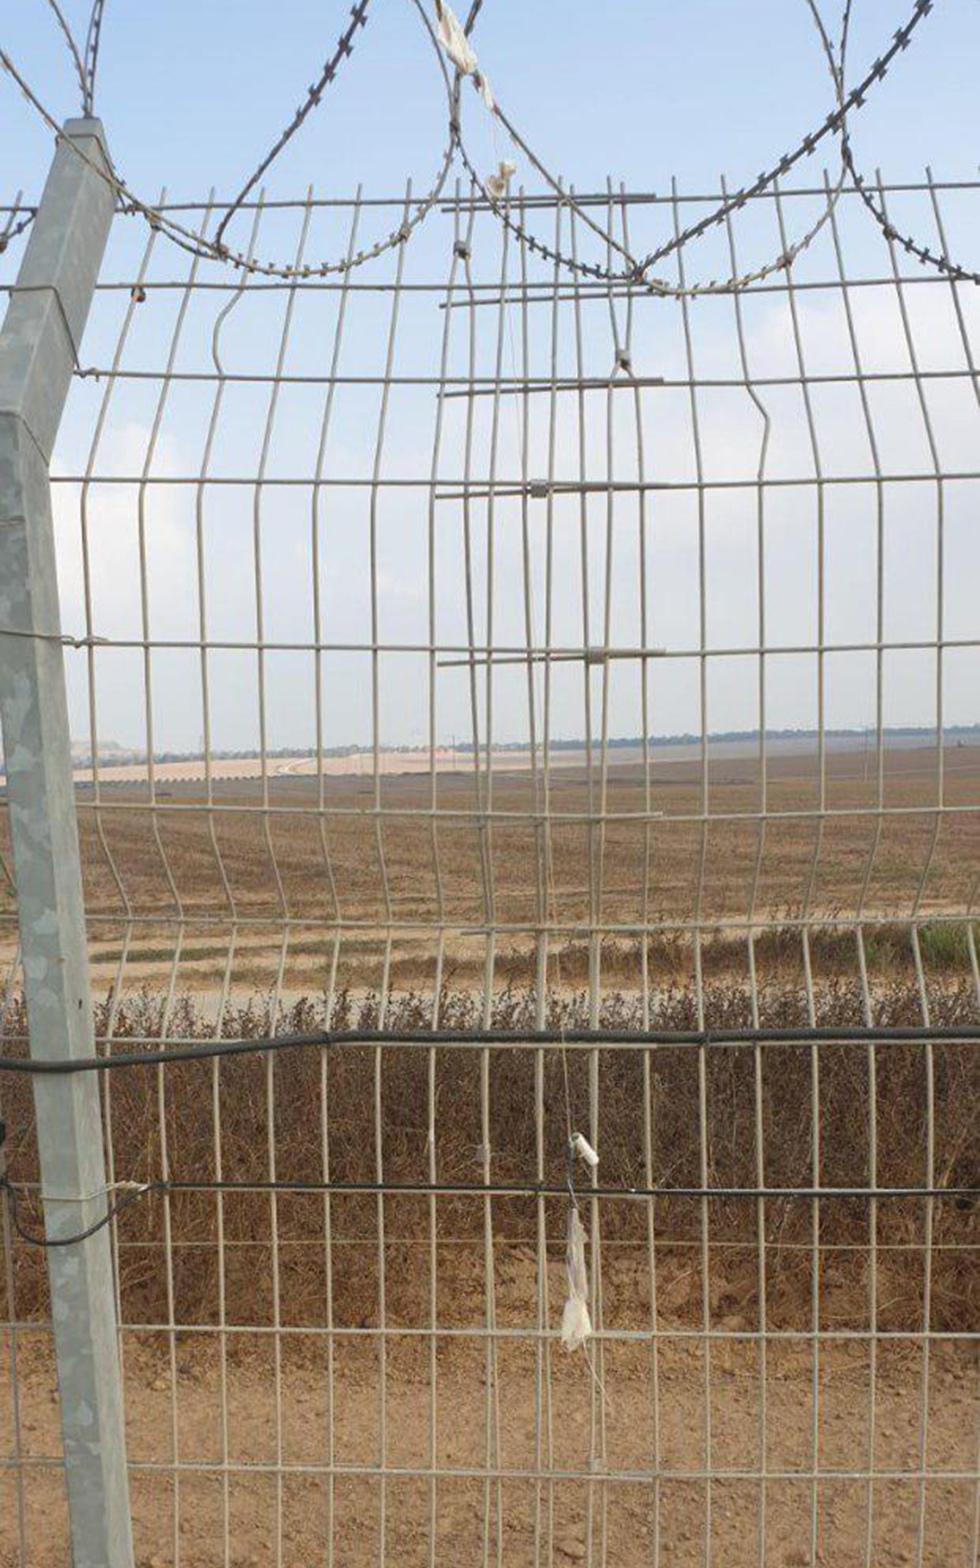 בלון תבערה גדר ישוב אשכול (צילום: דוברות אשכול )